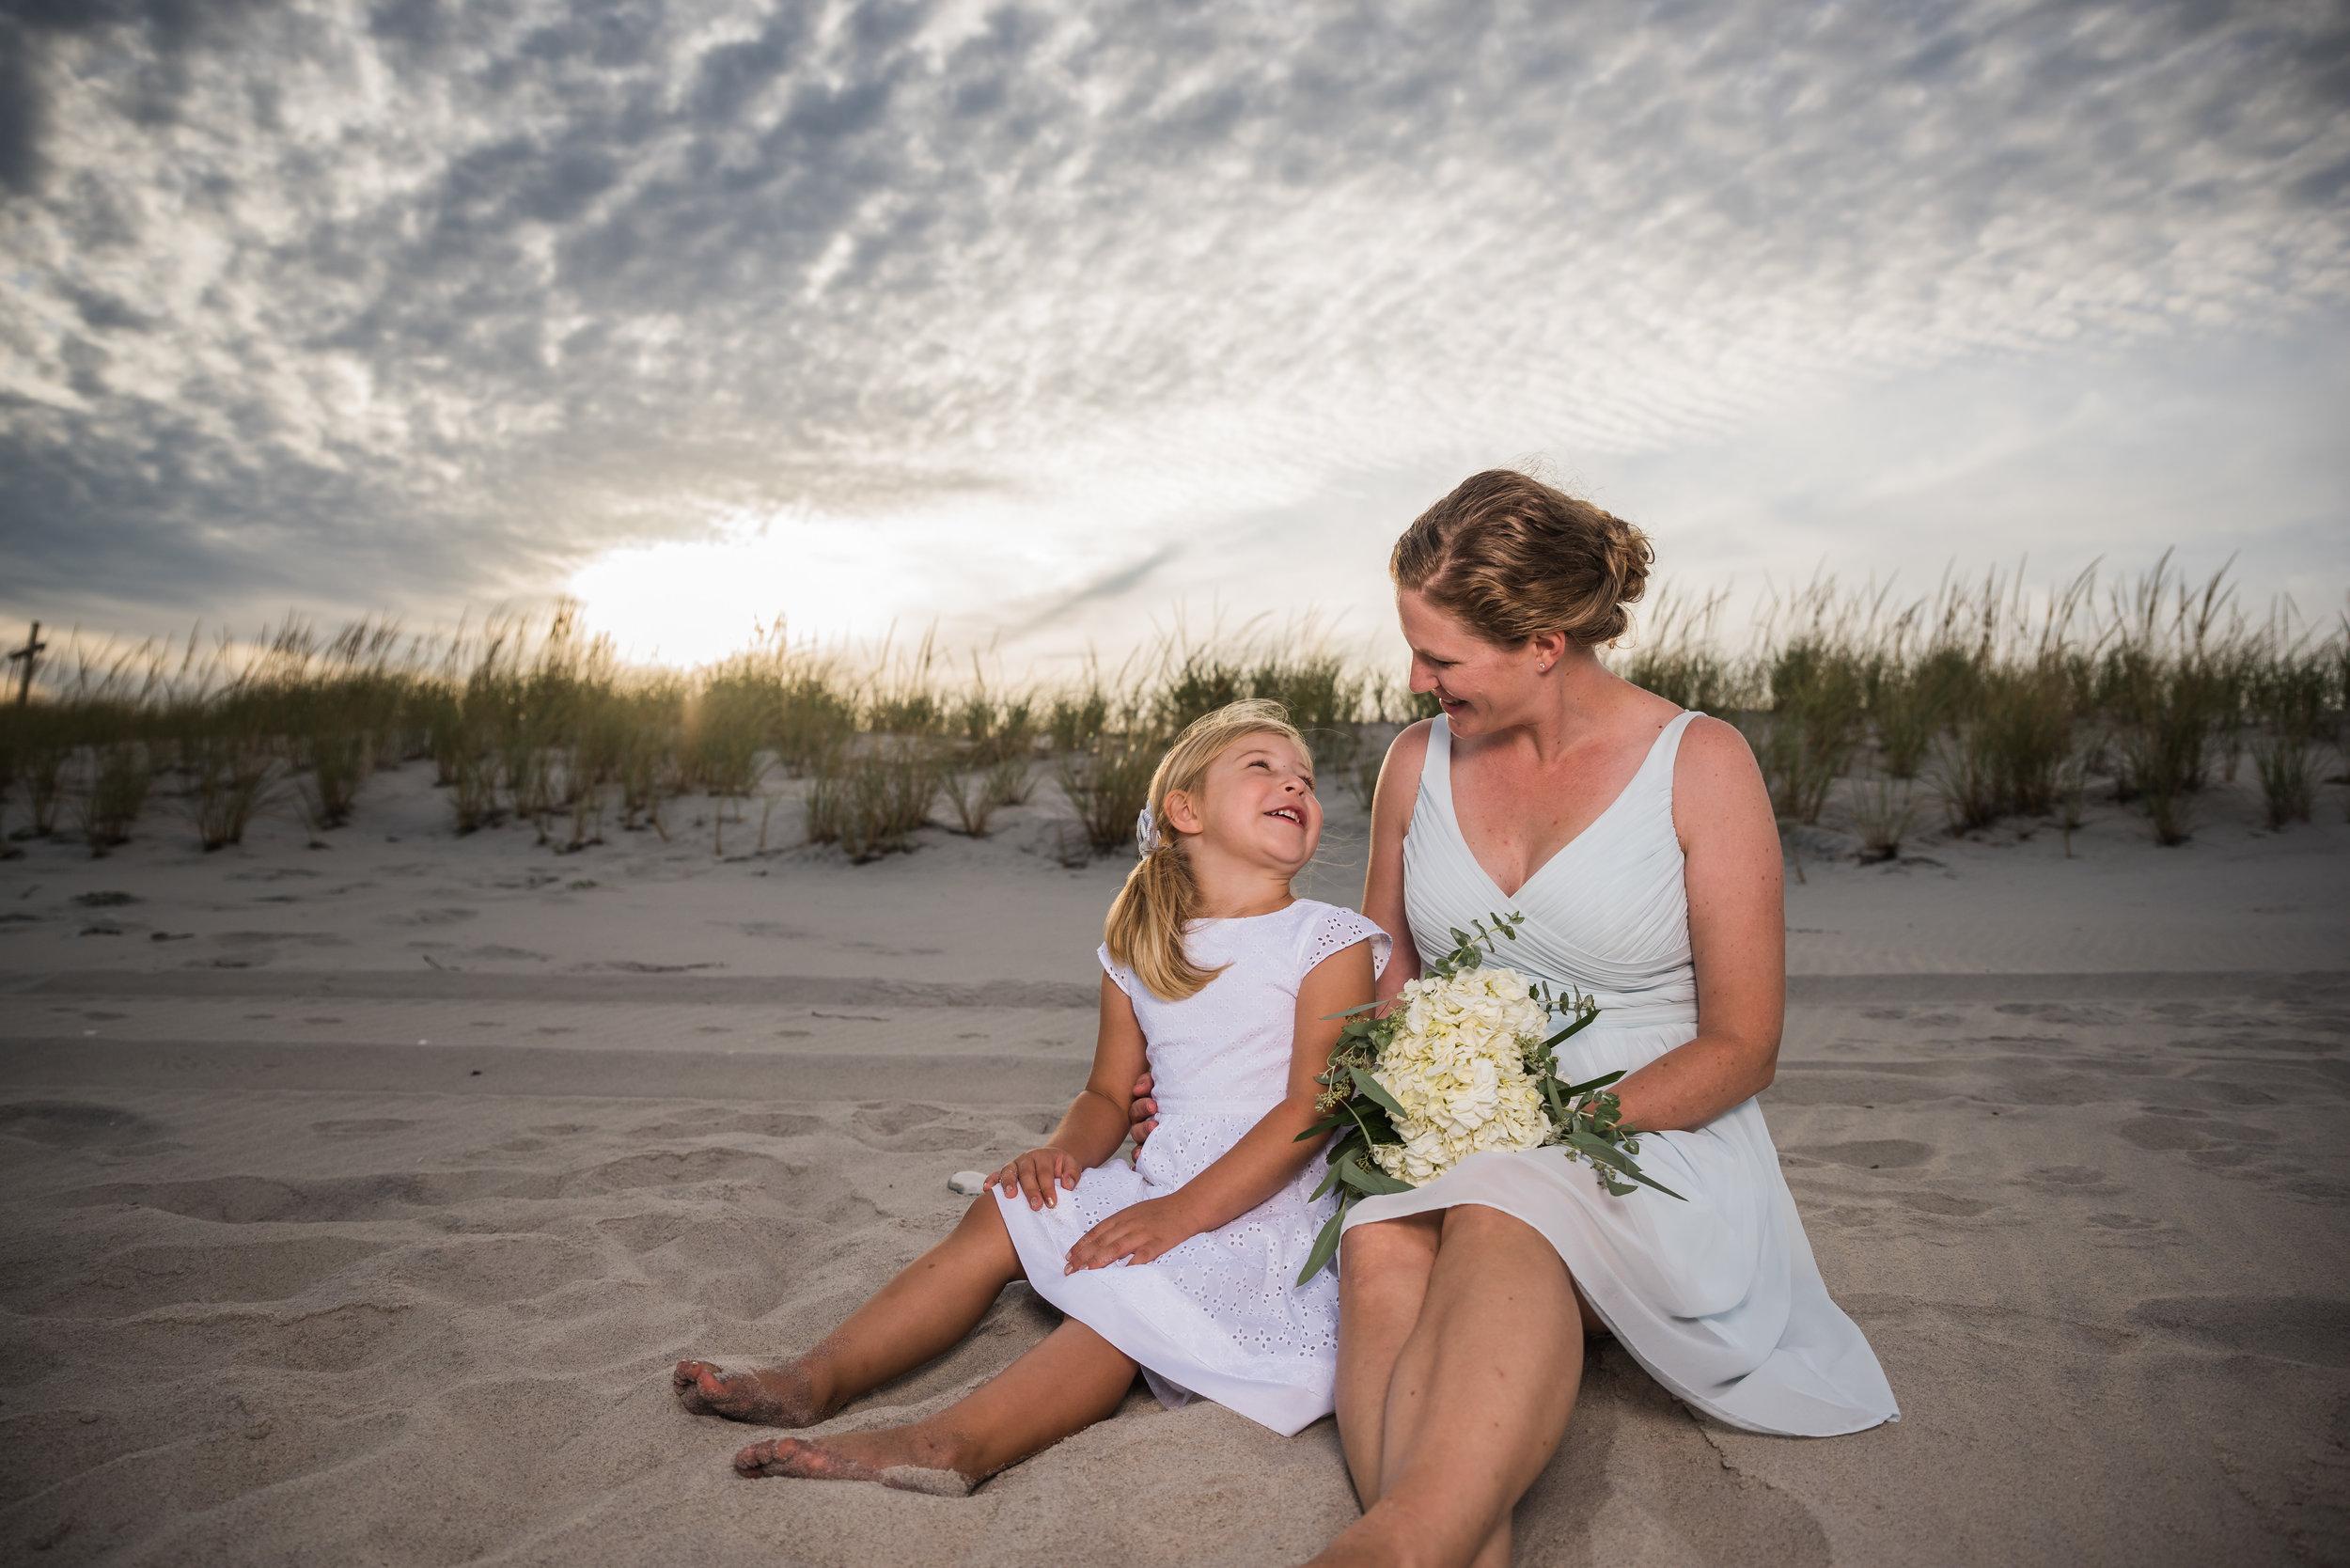 Long Beach Island Wedding Vow Photos Greg & Meagan 16